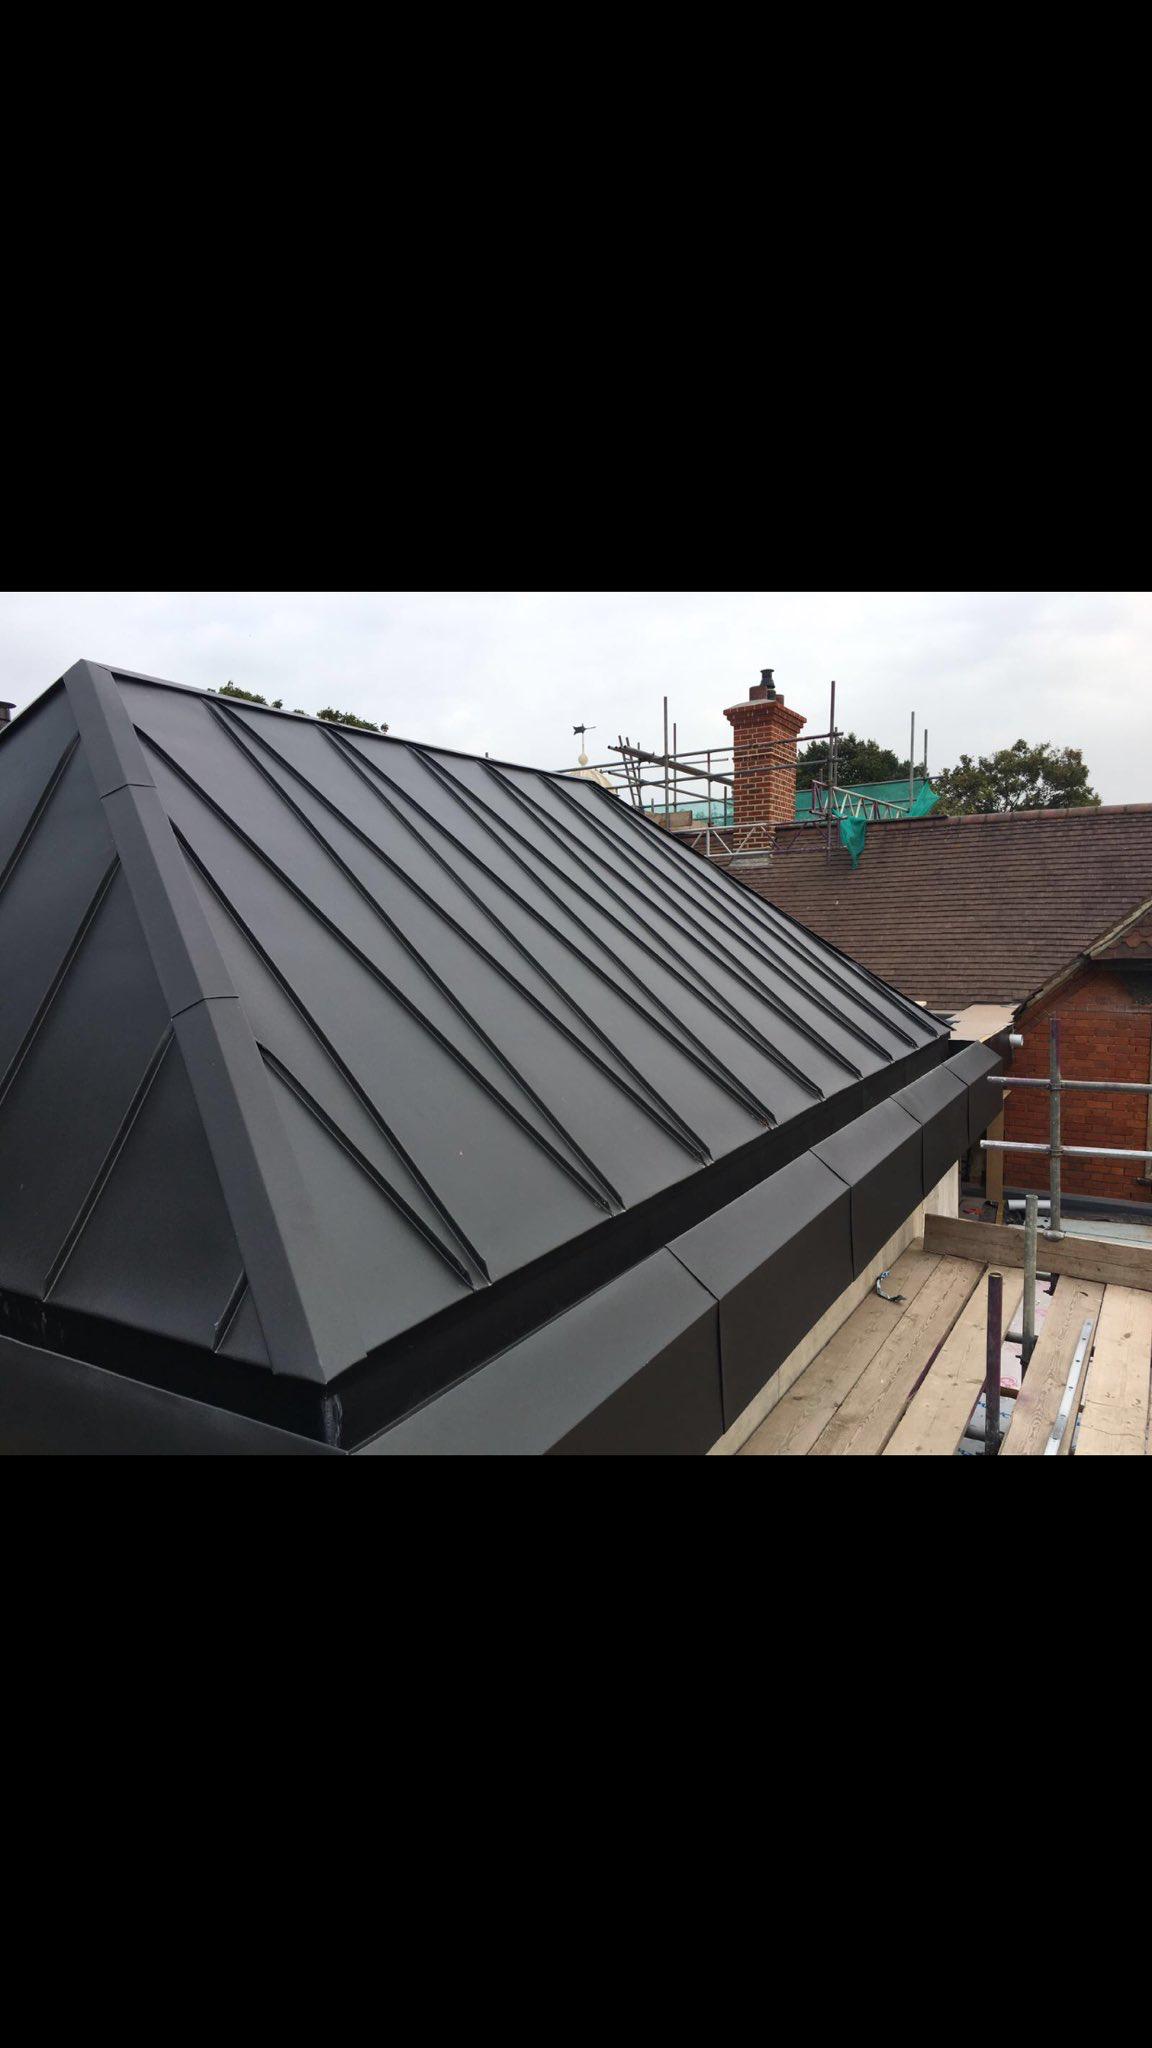 Carskij Kirpich Https Www Ruskir Ru Ruchnoj Raboty Mozhete Stat Dilerom Zinc Roof Copper Roof Roof Design